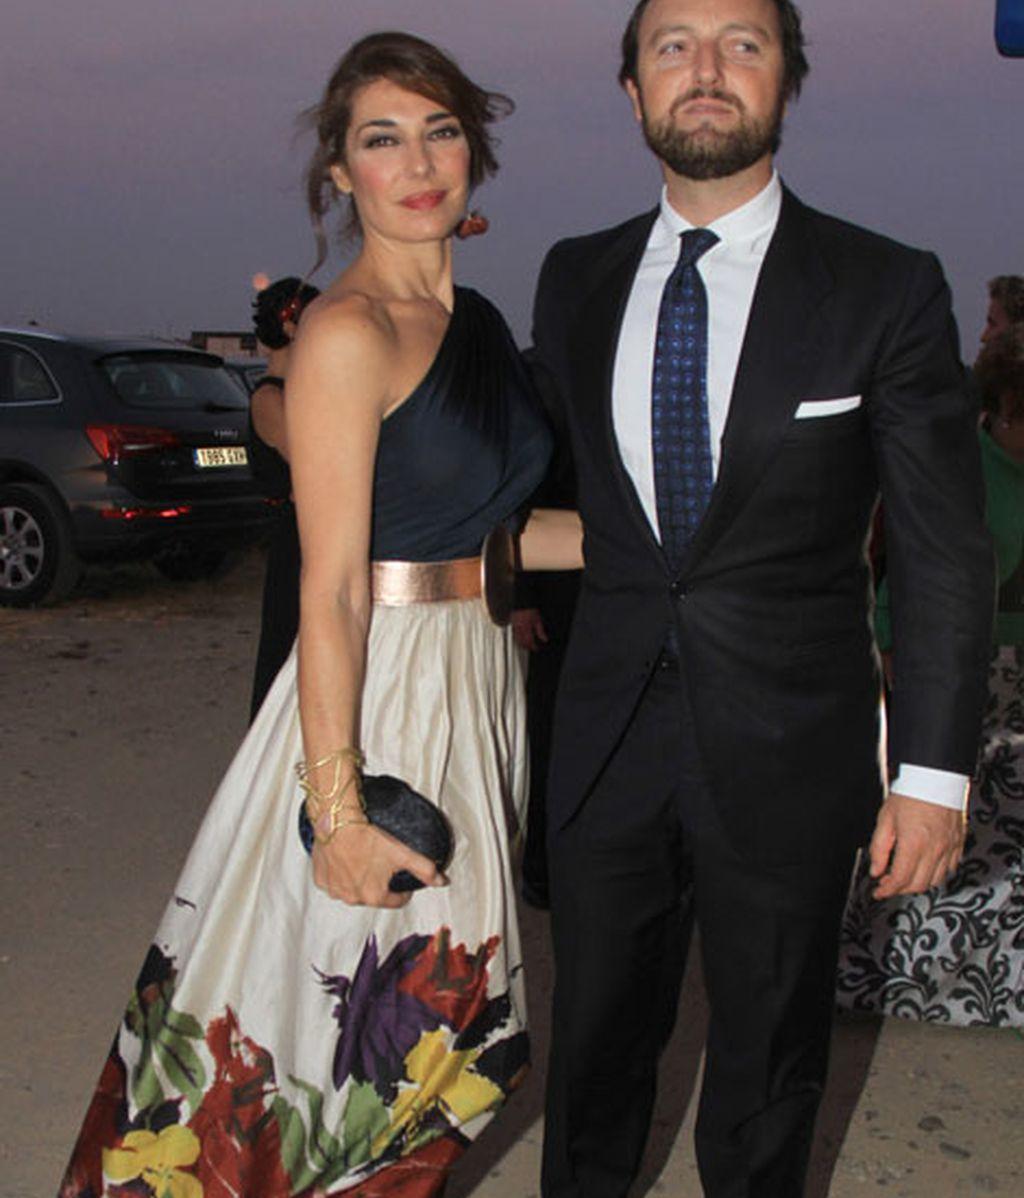 La modelo Raquel Revuelta eligió un favorecedor vestido